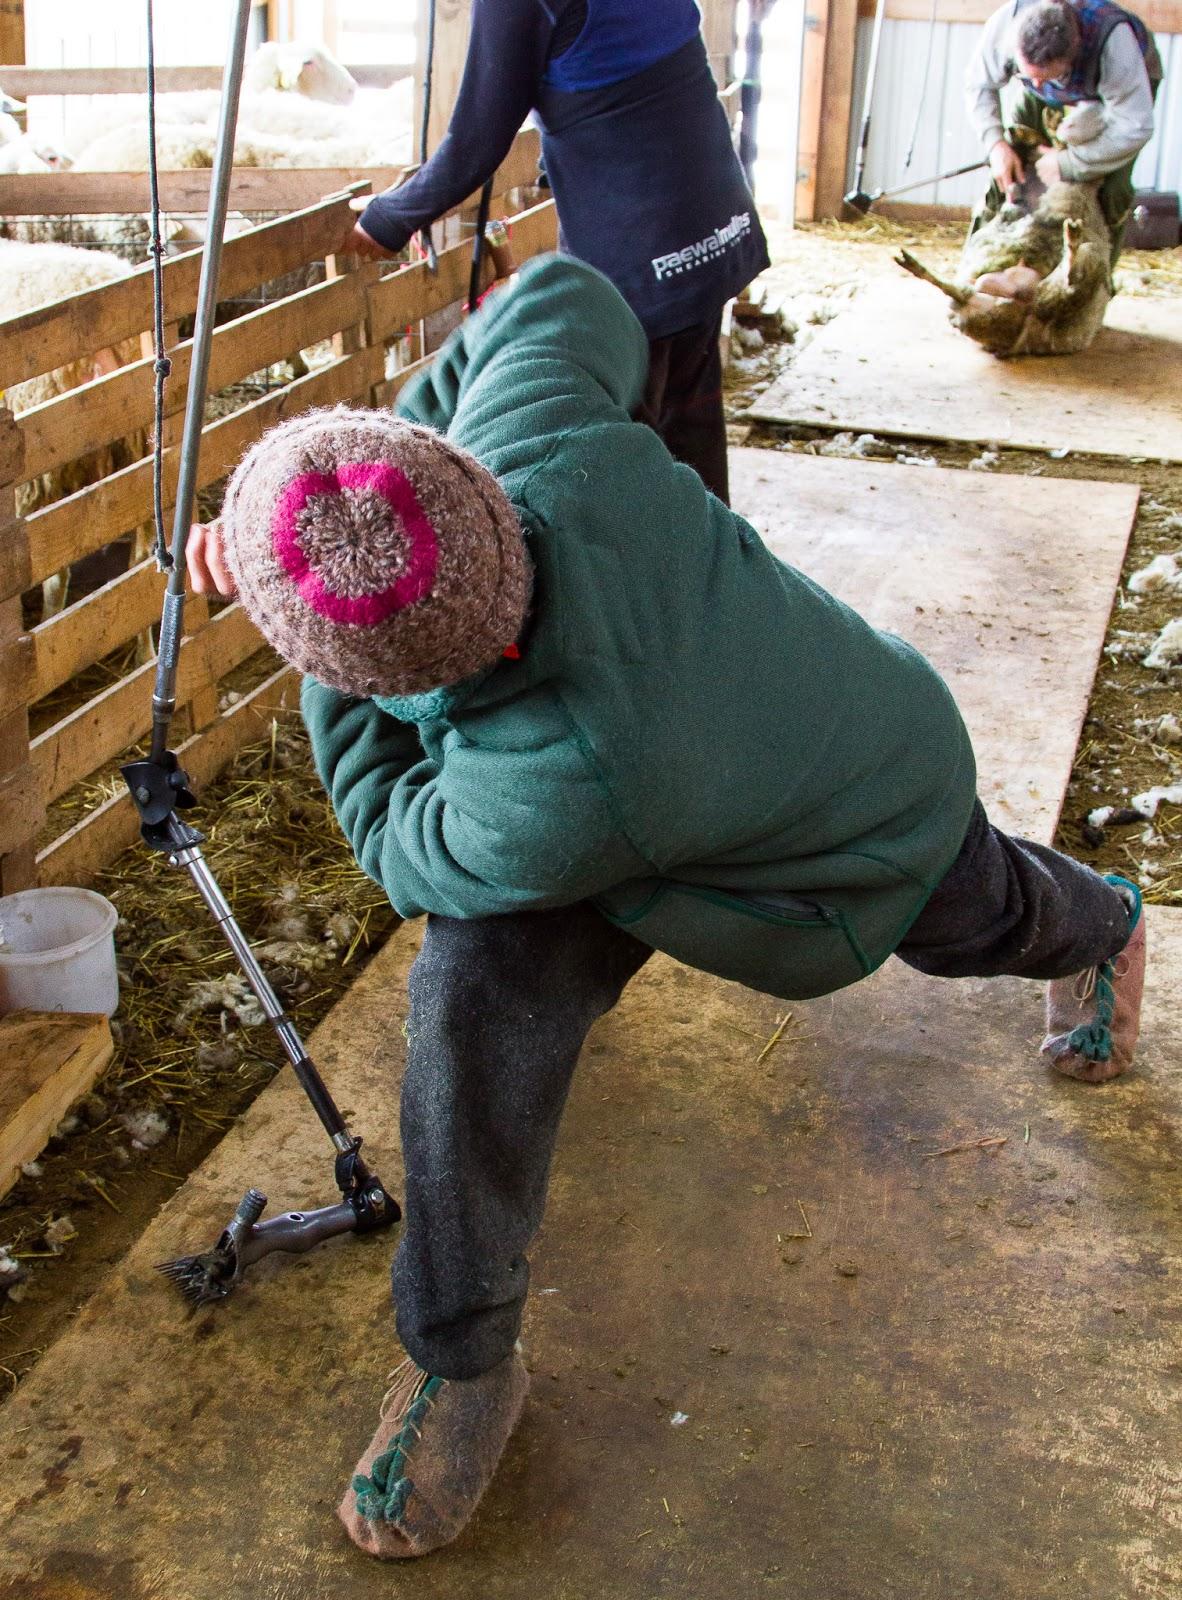 sheep springs guys Topsoil sheep springs, nm topsoil sheep springs, nm has the best topsoil prices in sheep springs, nm.